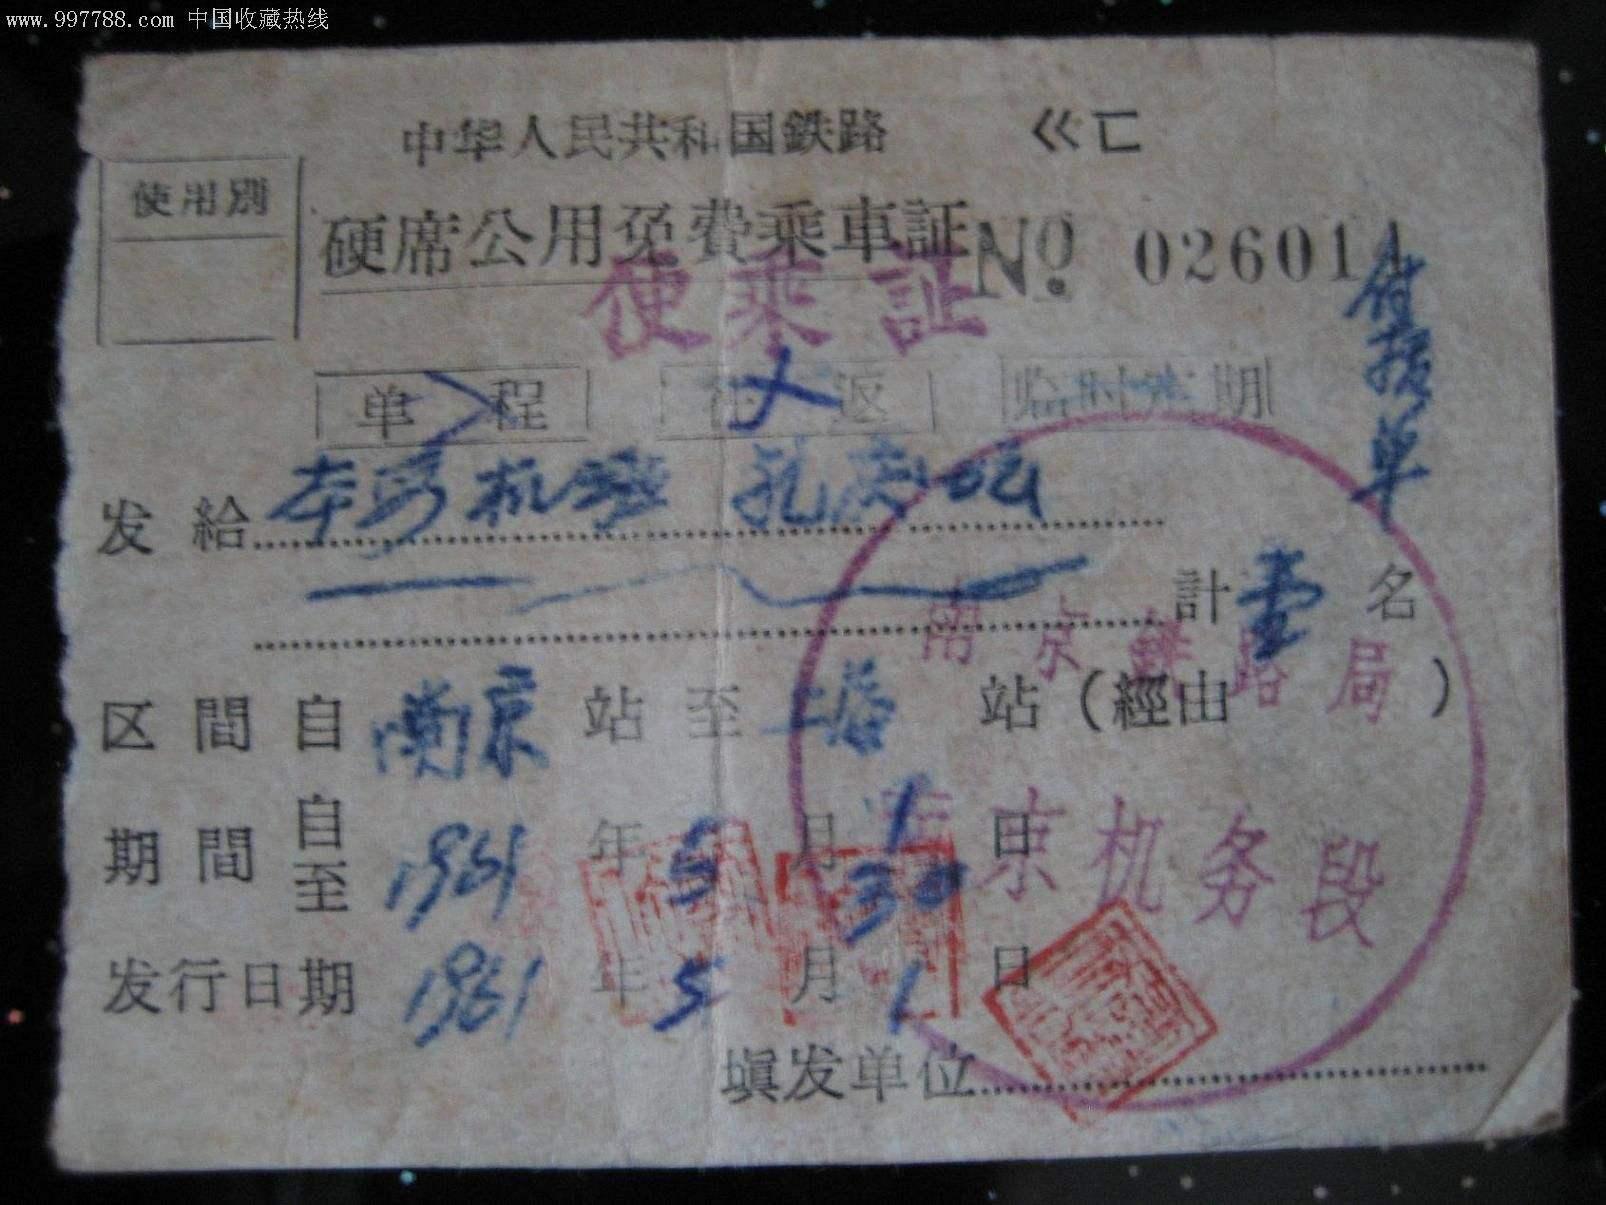 34年收藏8万多张铁路票证